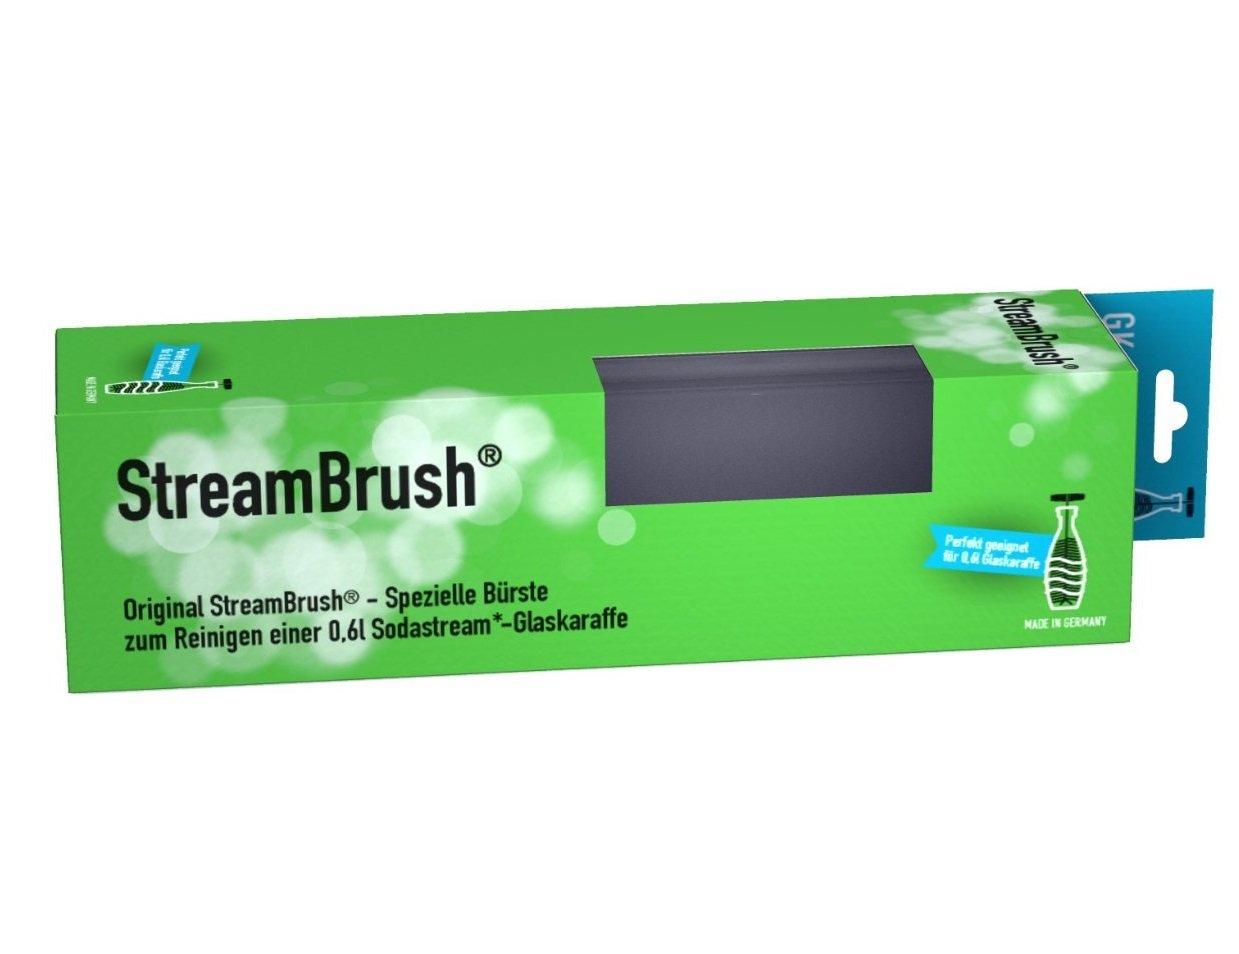 StreamBrush® Flaschenbürste für 0,6 Liter Glas Sodastream Flaschen Rydges® Media Technology